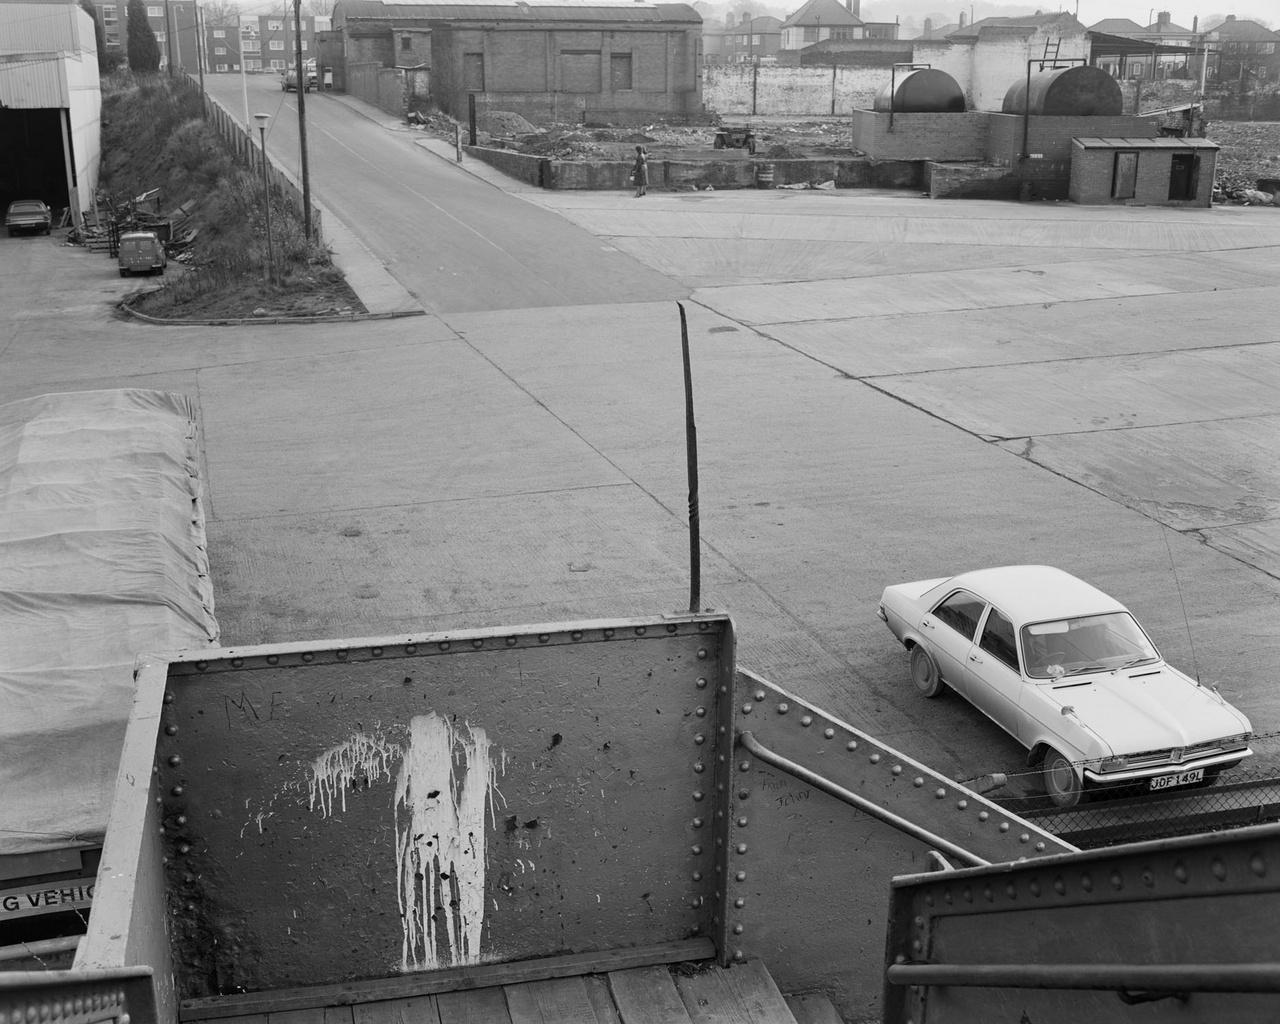 """John Myers az 1980-as évek során hiába küldte el képeit galériáknak, nem mutatkozott rájuk érdeklődés, 1990-től kezdődően nem is fényképezett tovább, kreatív energiát a továbbiakban festésre és egyetemi oktatásra fordította. Először az """"unalmas képek"""" sorozatát fedezték fel, majd tavaly az ipar végnapjait elkapó képeit is kiállították Bolognában."""